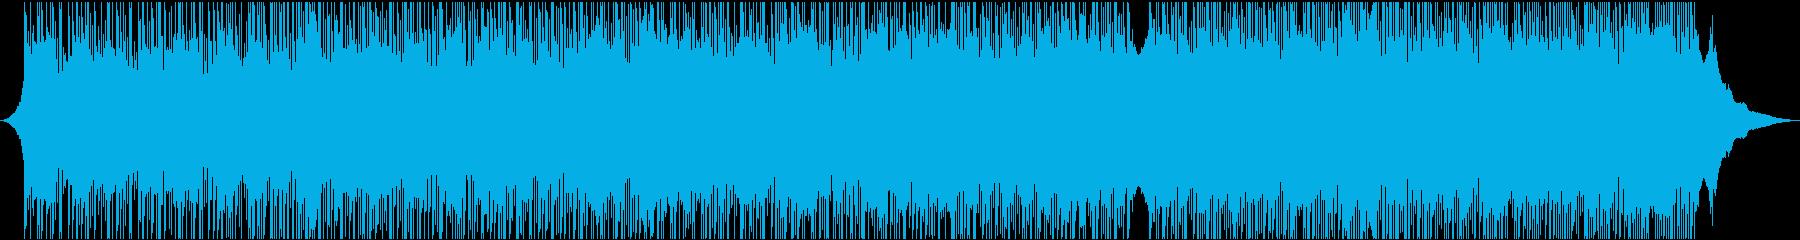 新世紀エレクトロニクス テクノロジ...の再生済みの波形